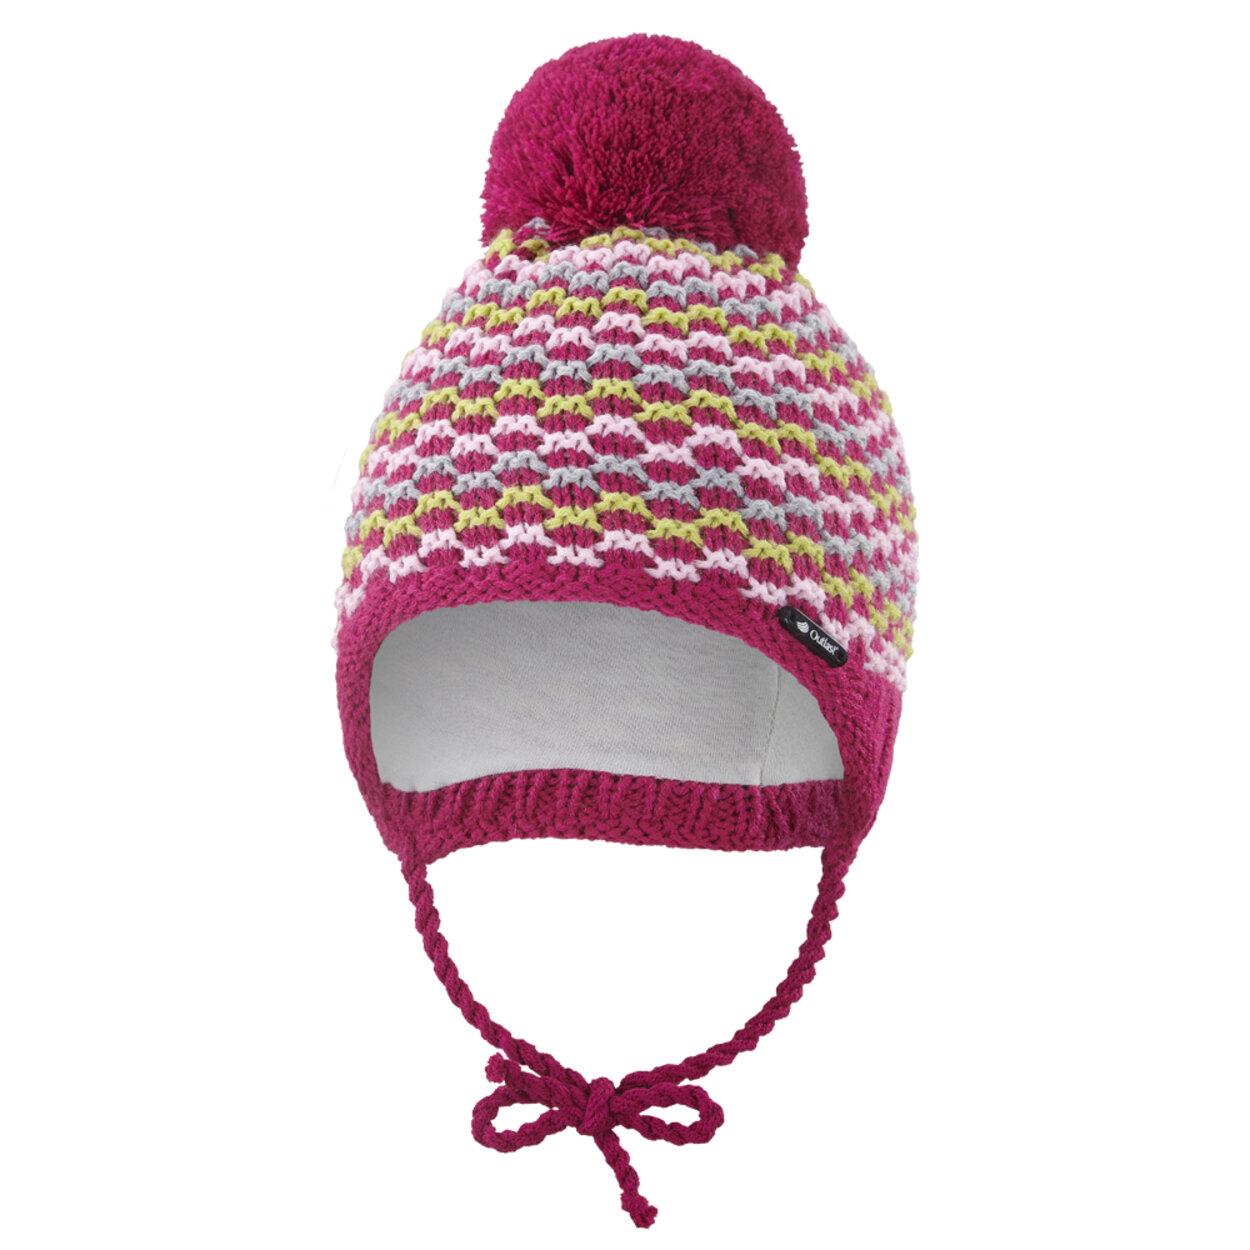 c6b45dbbc Čiapka pletená zaväzovacia vlnky Outlast ® veľ.4,45-48cm ružová little angel